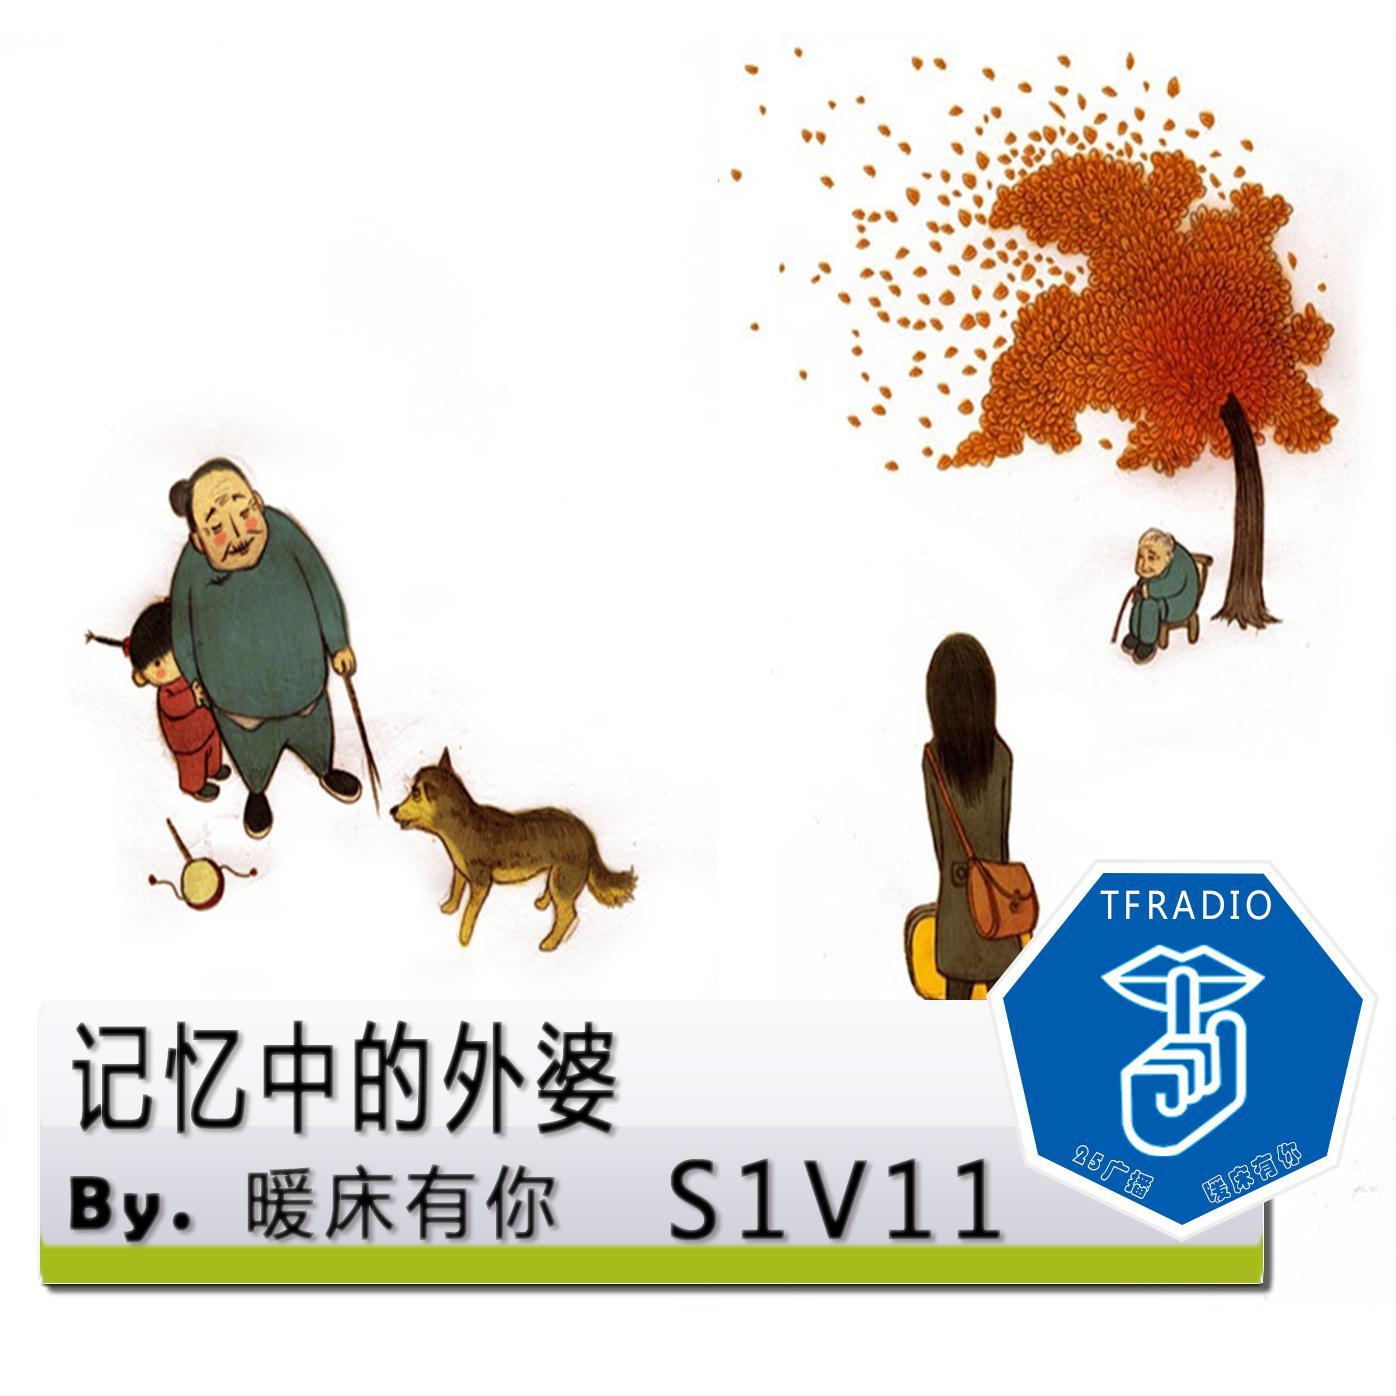 动漫 卡通 漫画 头像 1396_1396